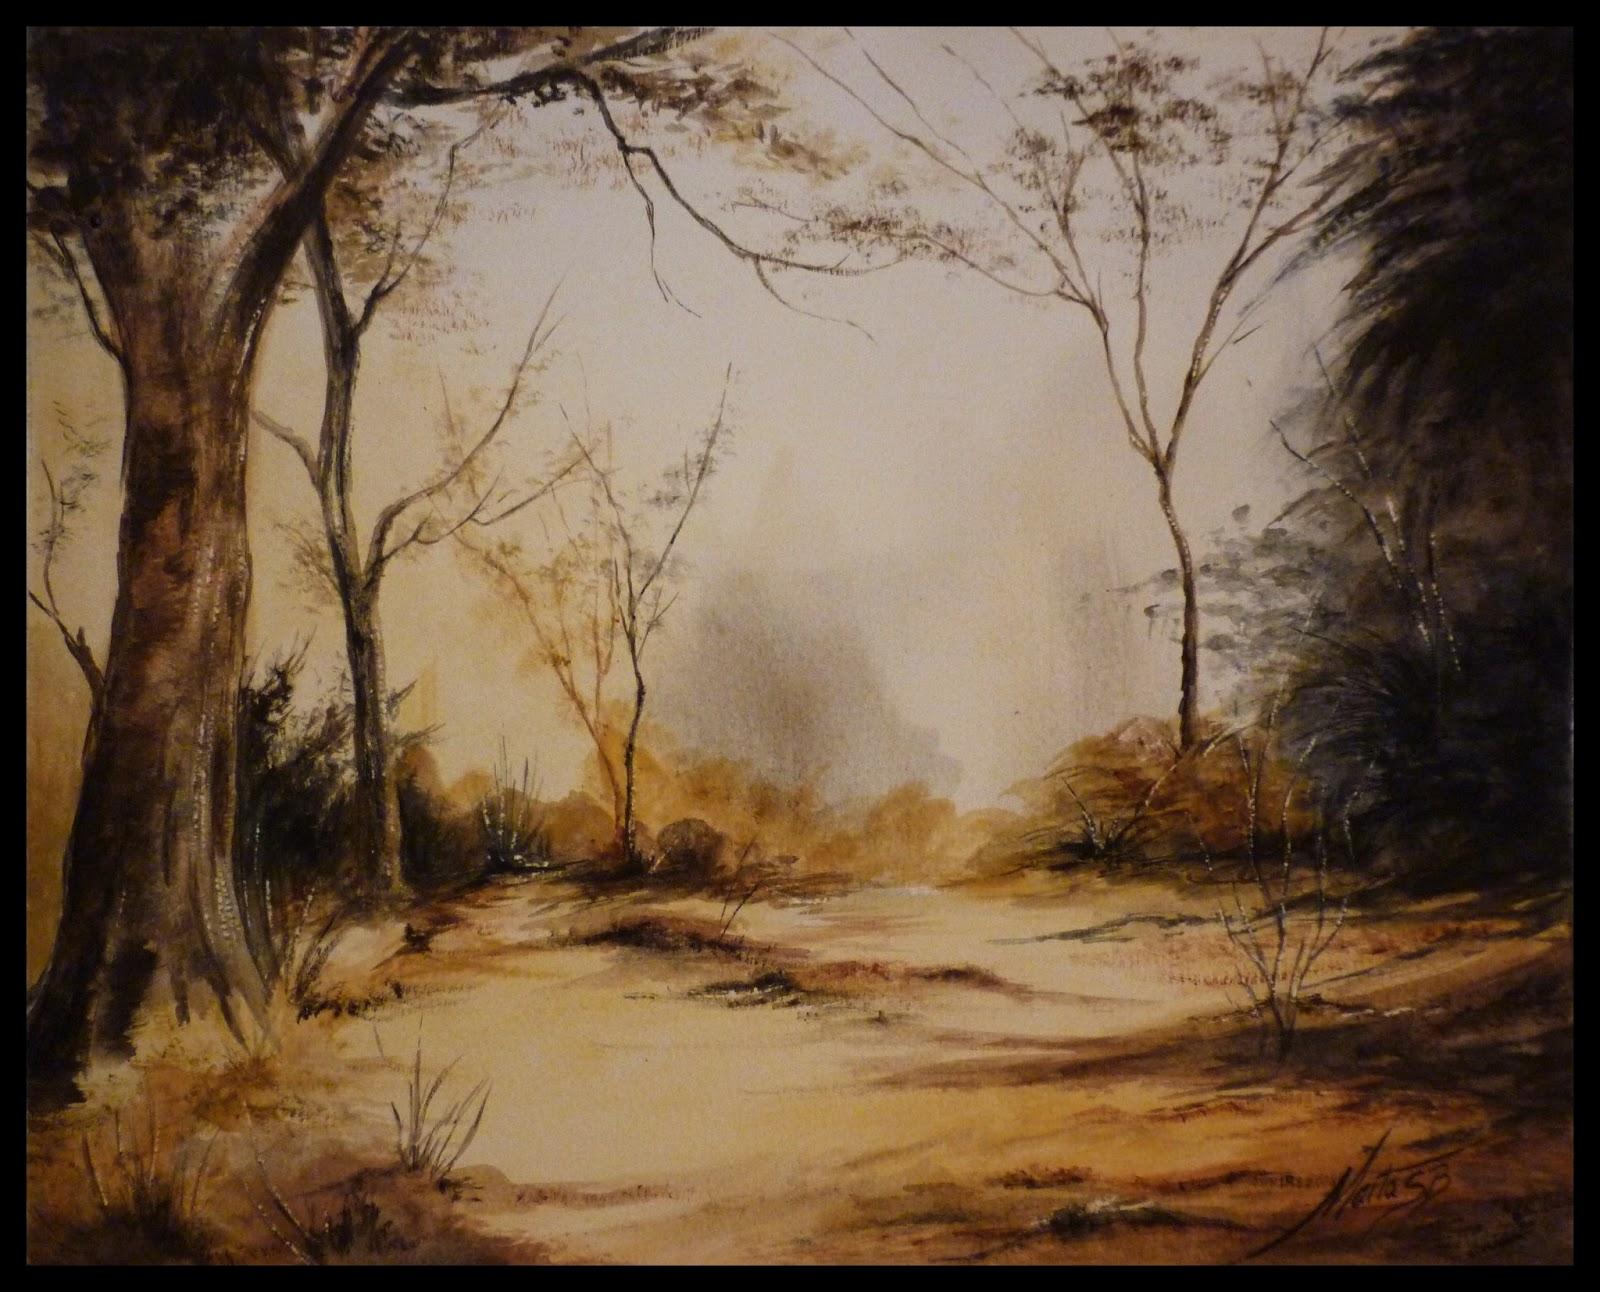 Camino perdido es un cuadro pintado con pinturas acuarela